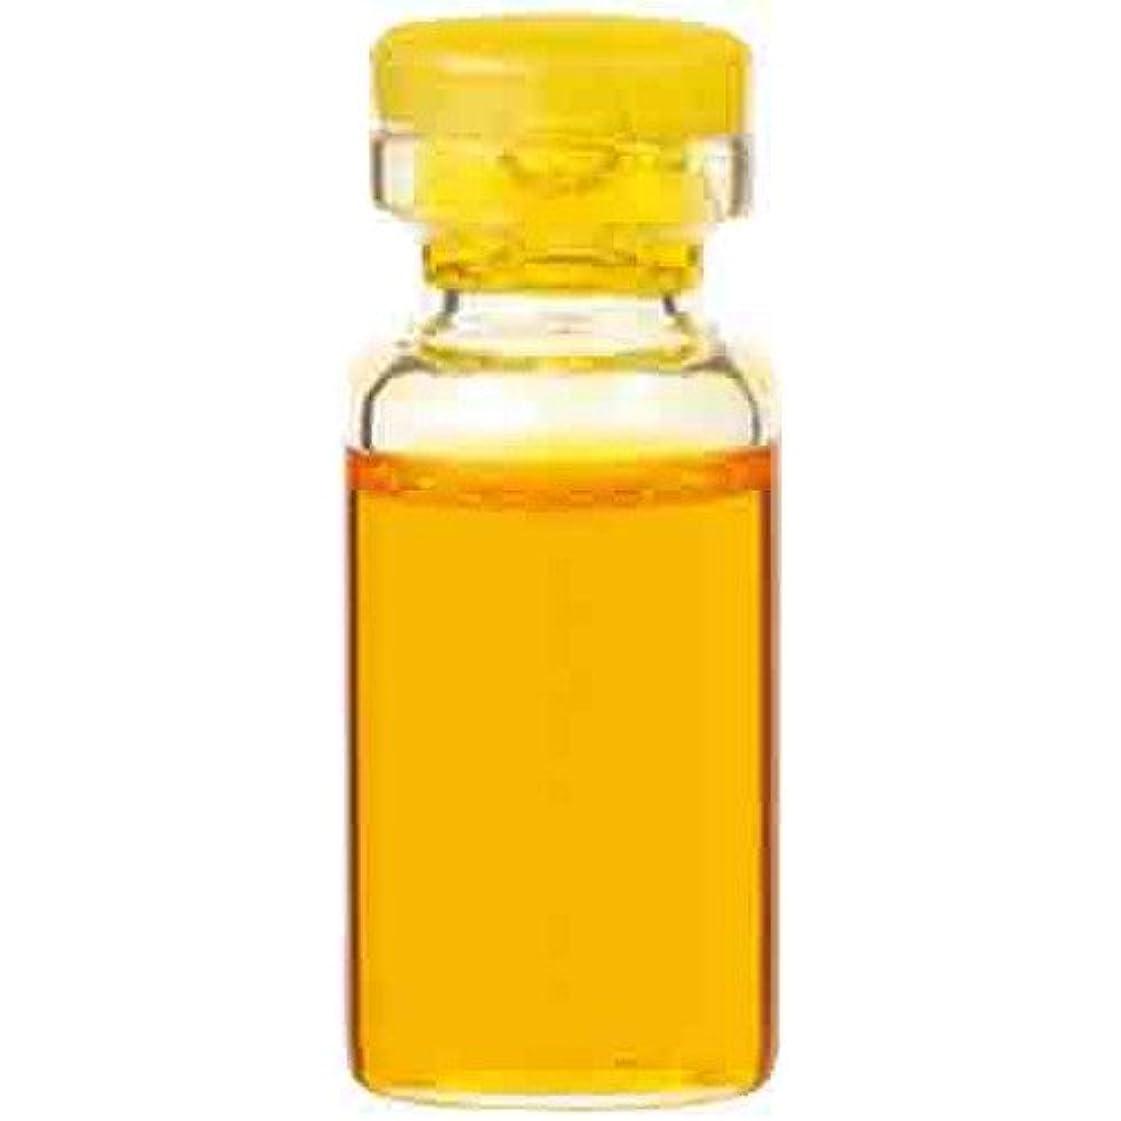 資産フルート初心者生活の木 Herbal Life Organic オレンジスイート 10ml